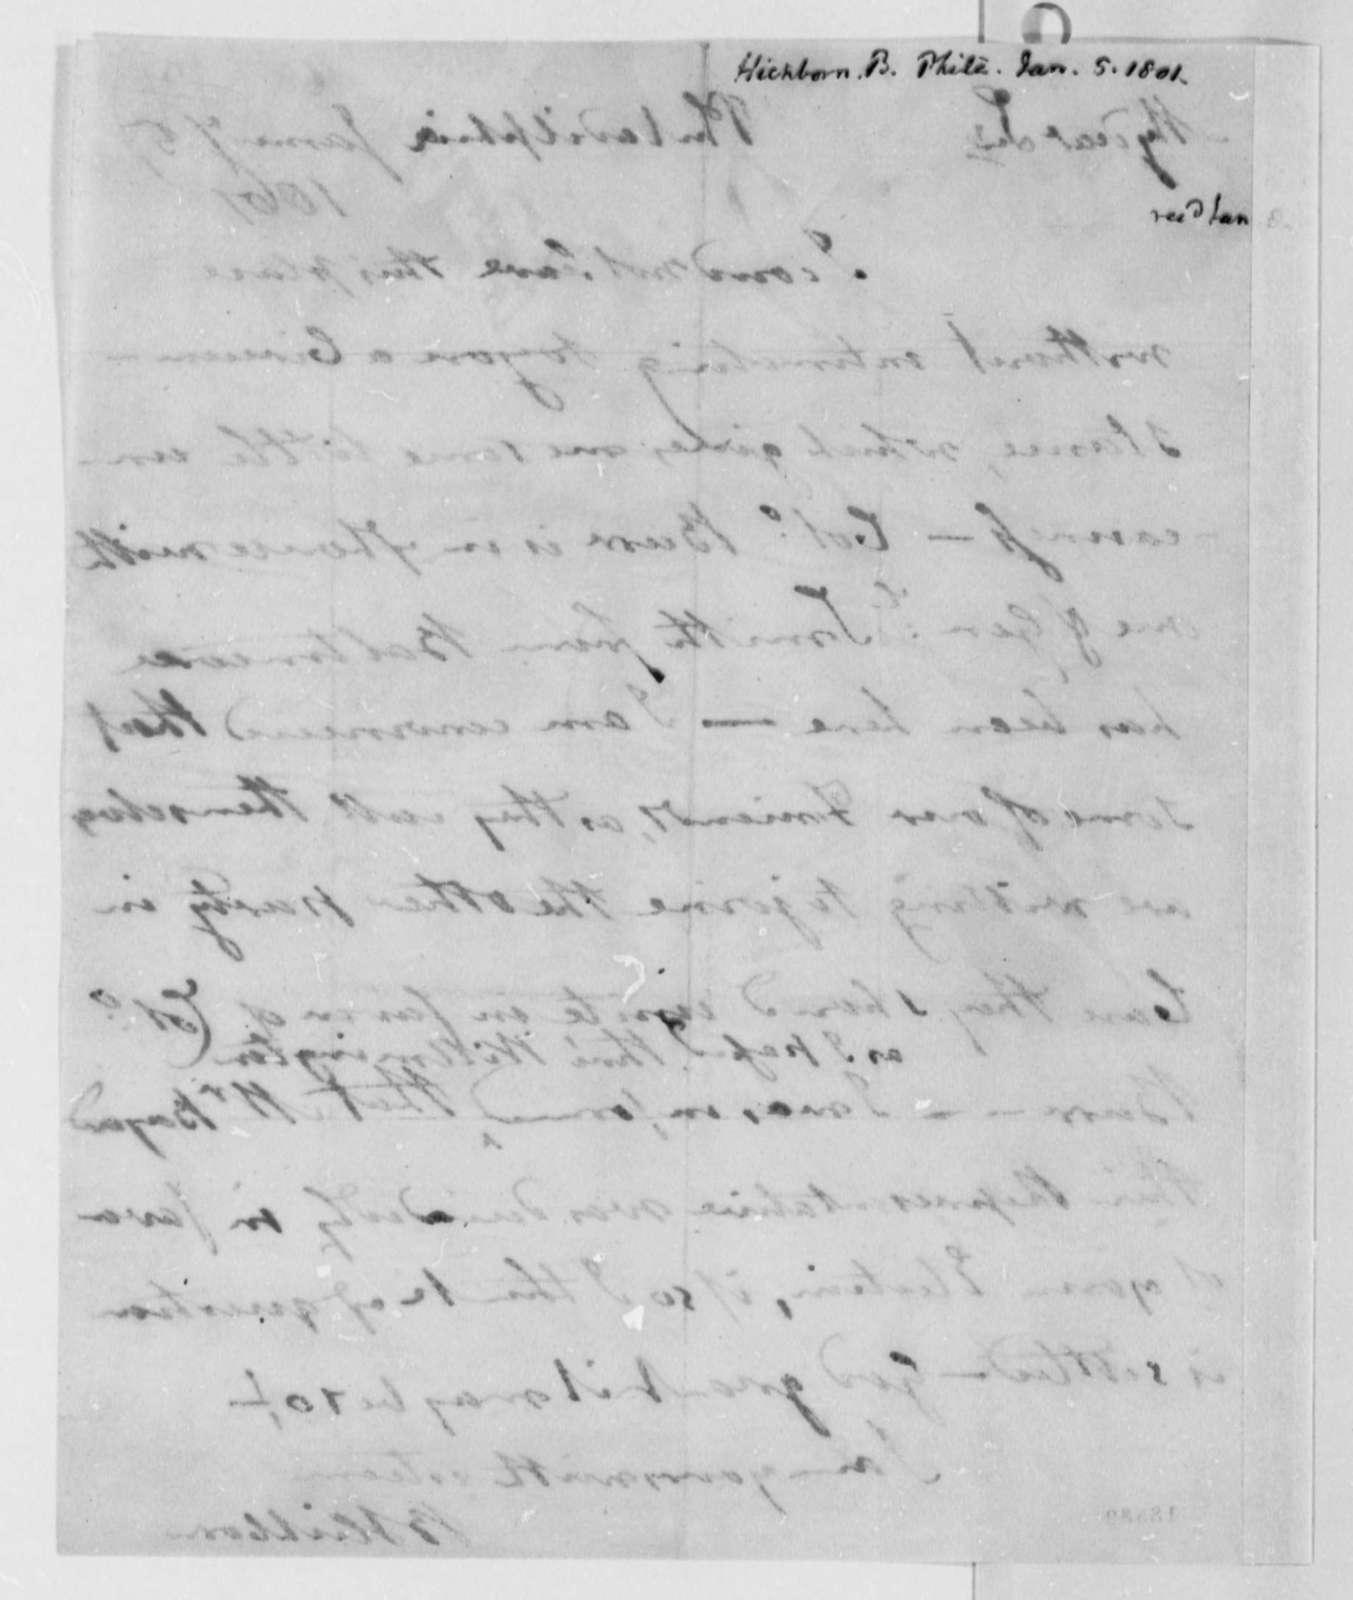 Benjamin Hichborn to Thomas Jefferson, January 5, 1801